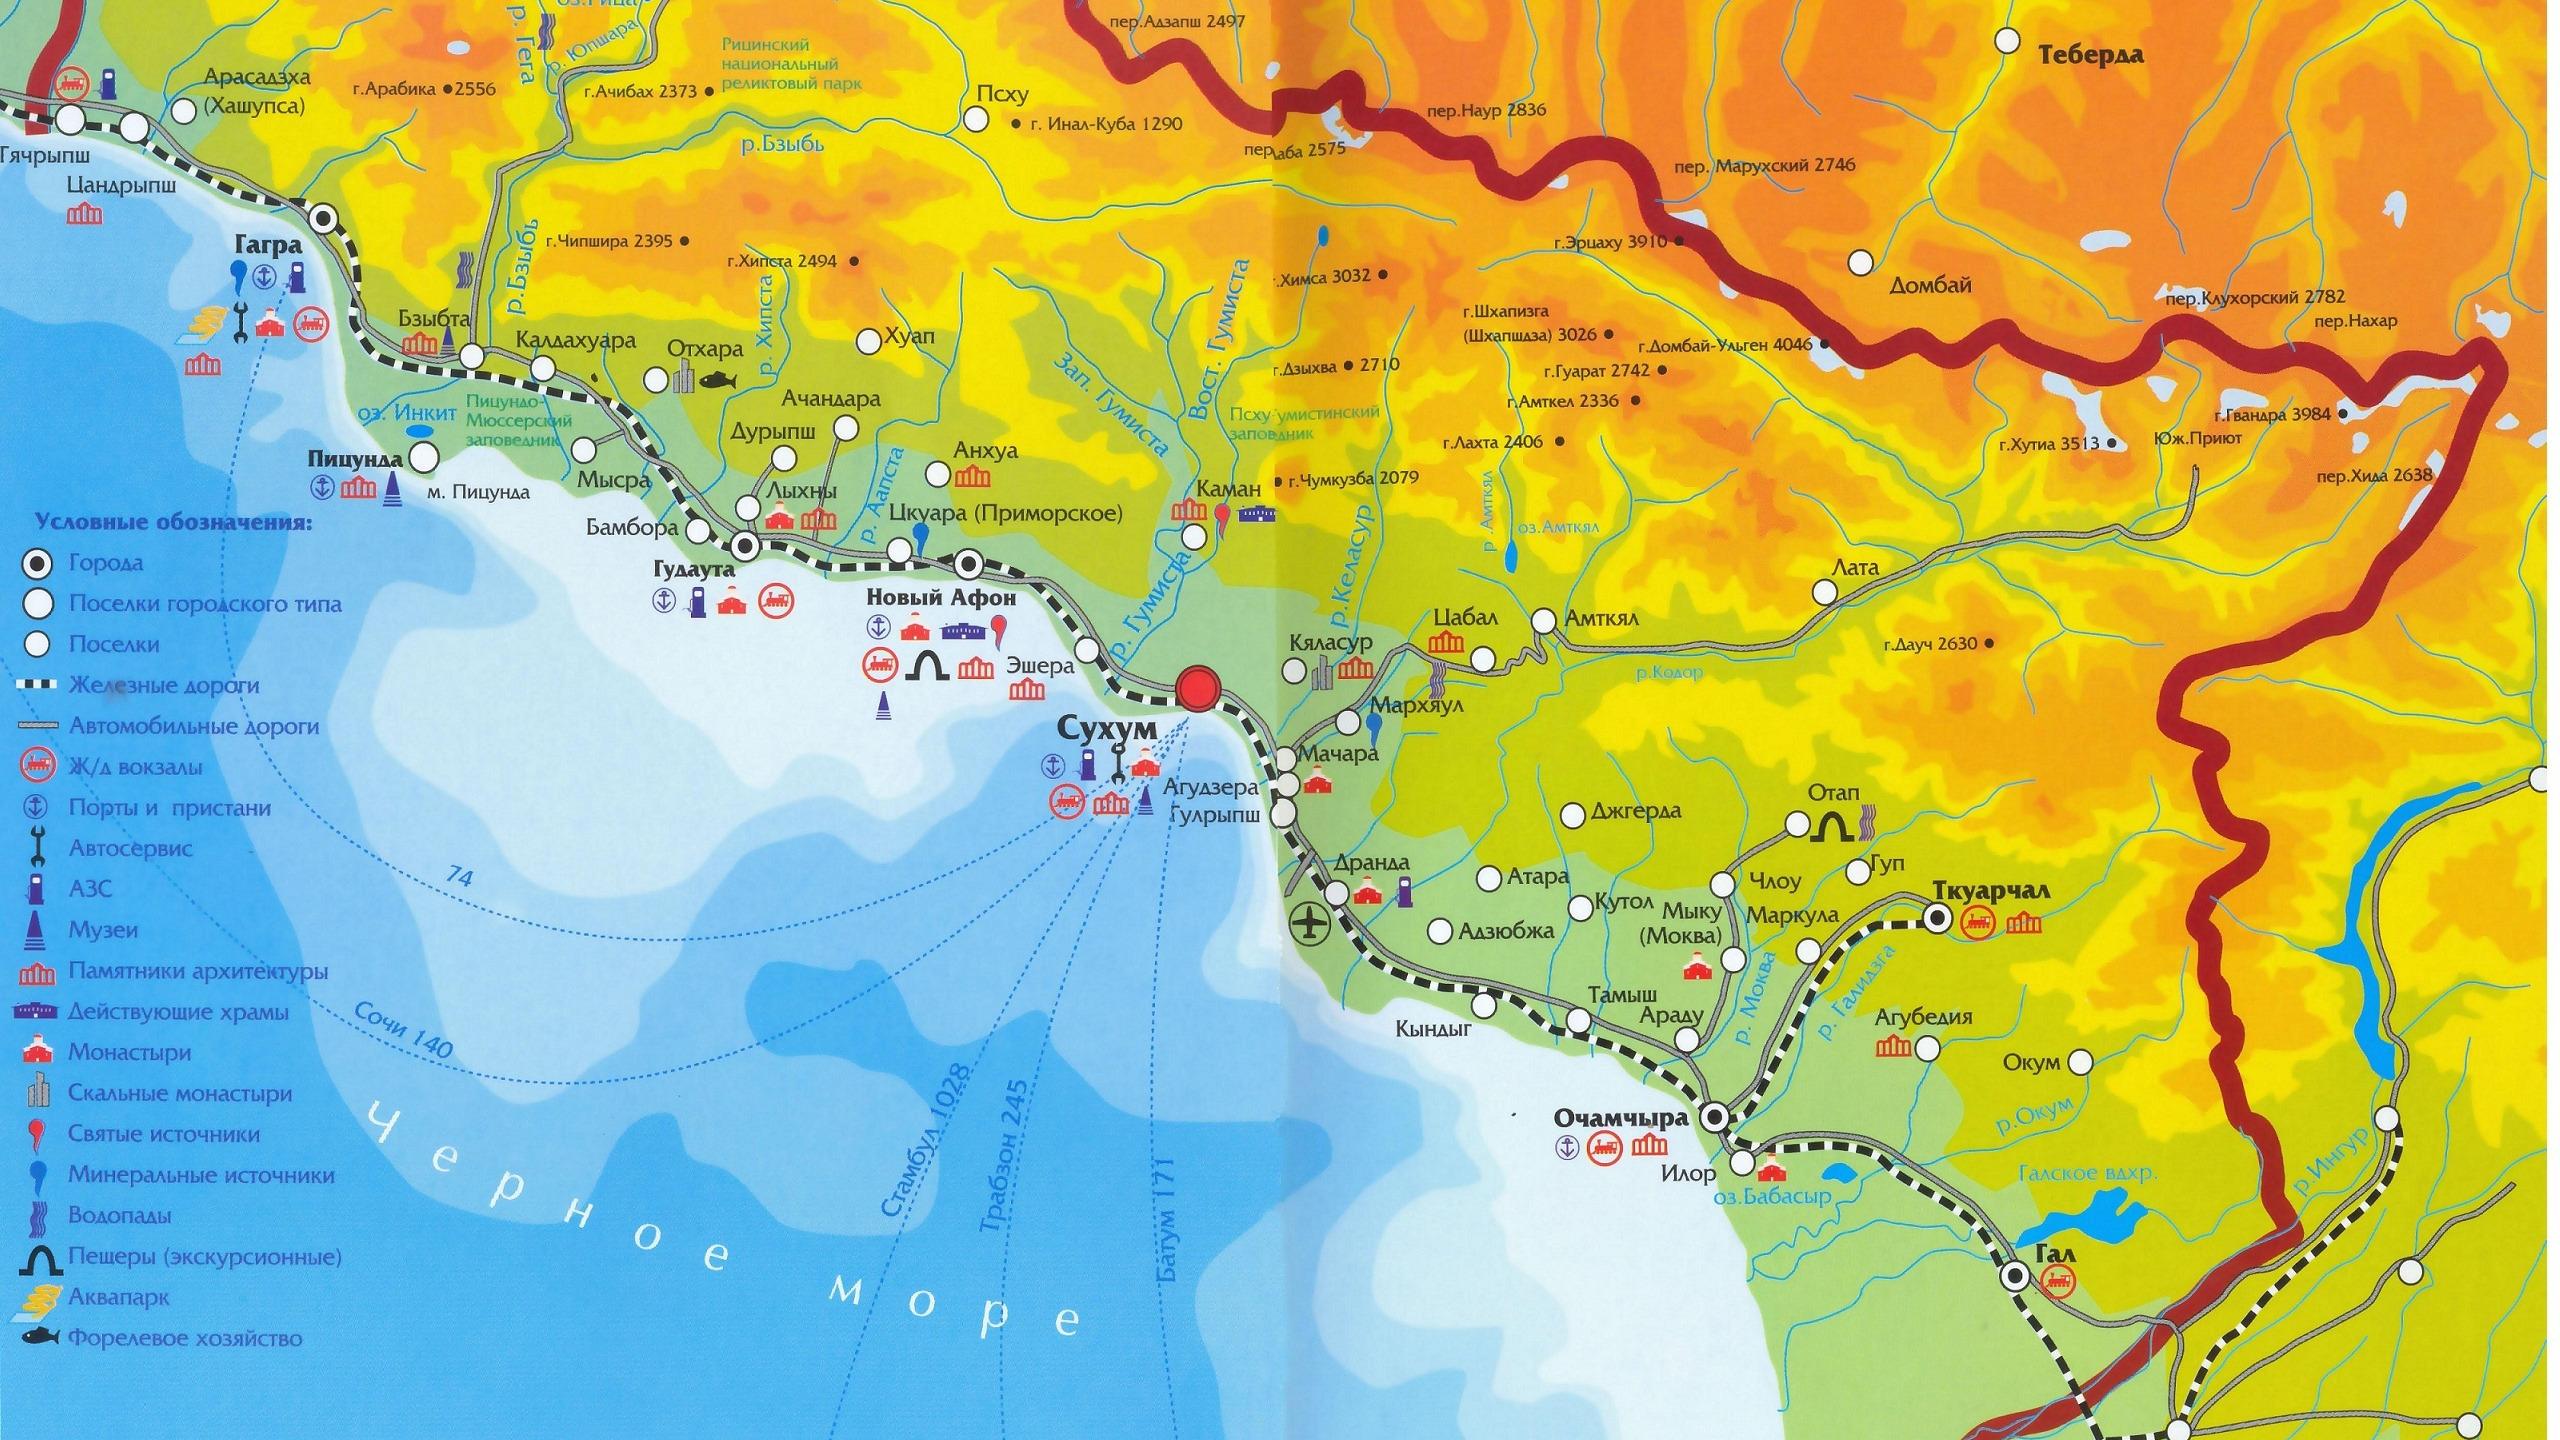 Карта Абхазии с городами и достопримечательностями